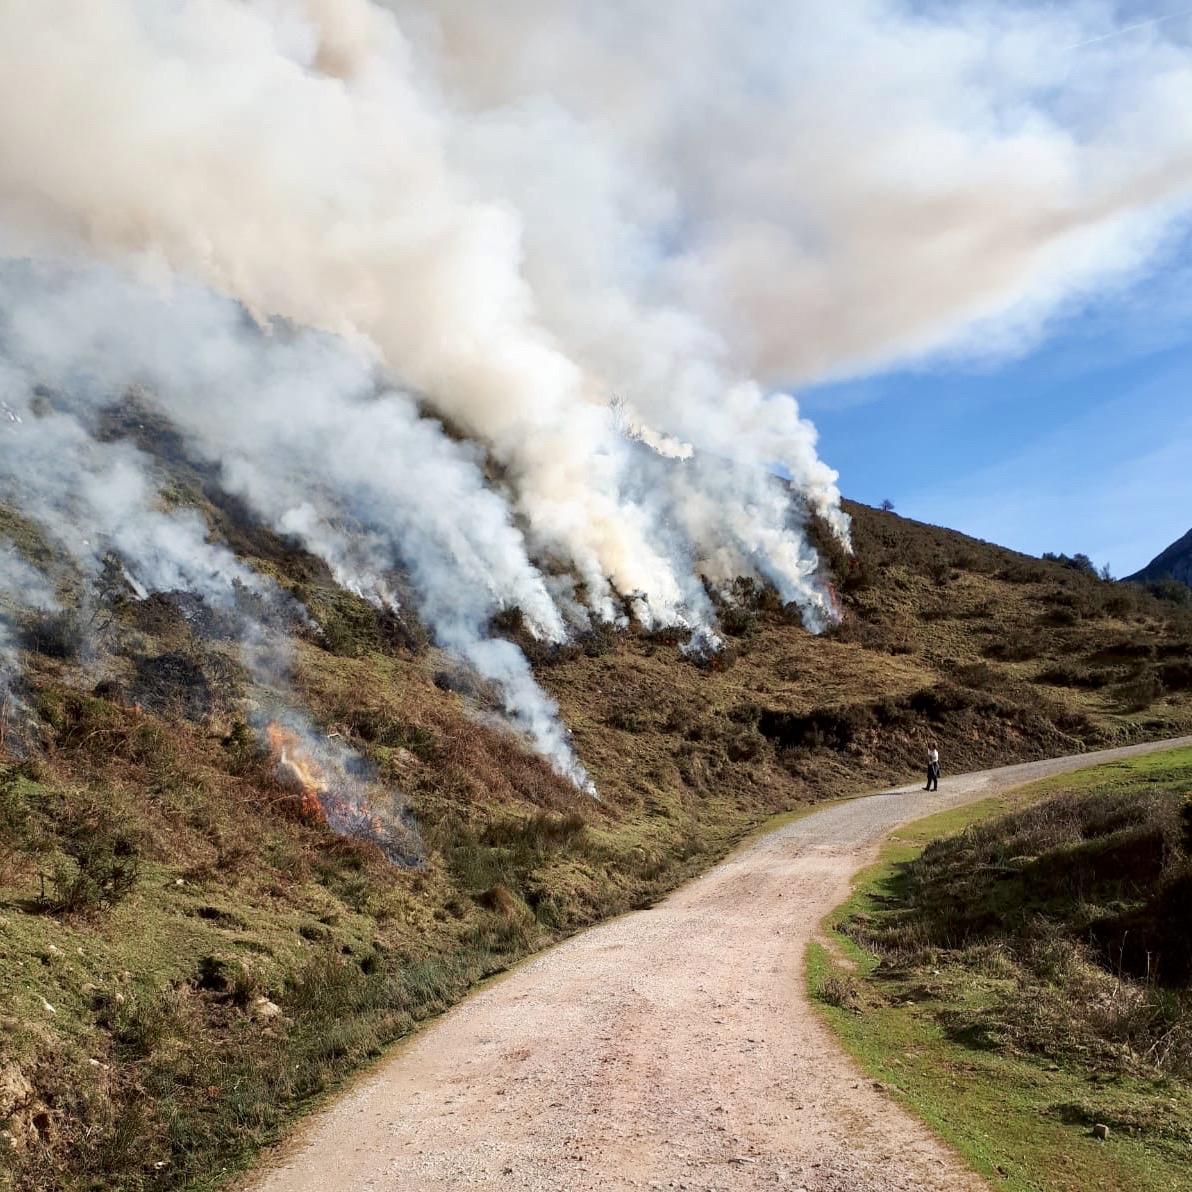 Desarrollo Rural y los ganaderos de Onís ponen en marcha una campaña de quemas controladas para recuperar pastizales